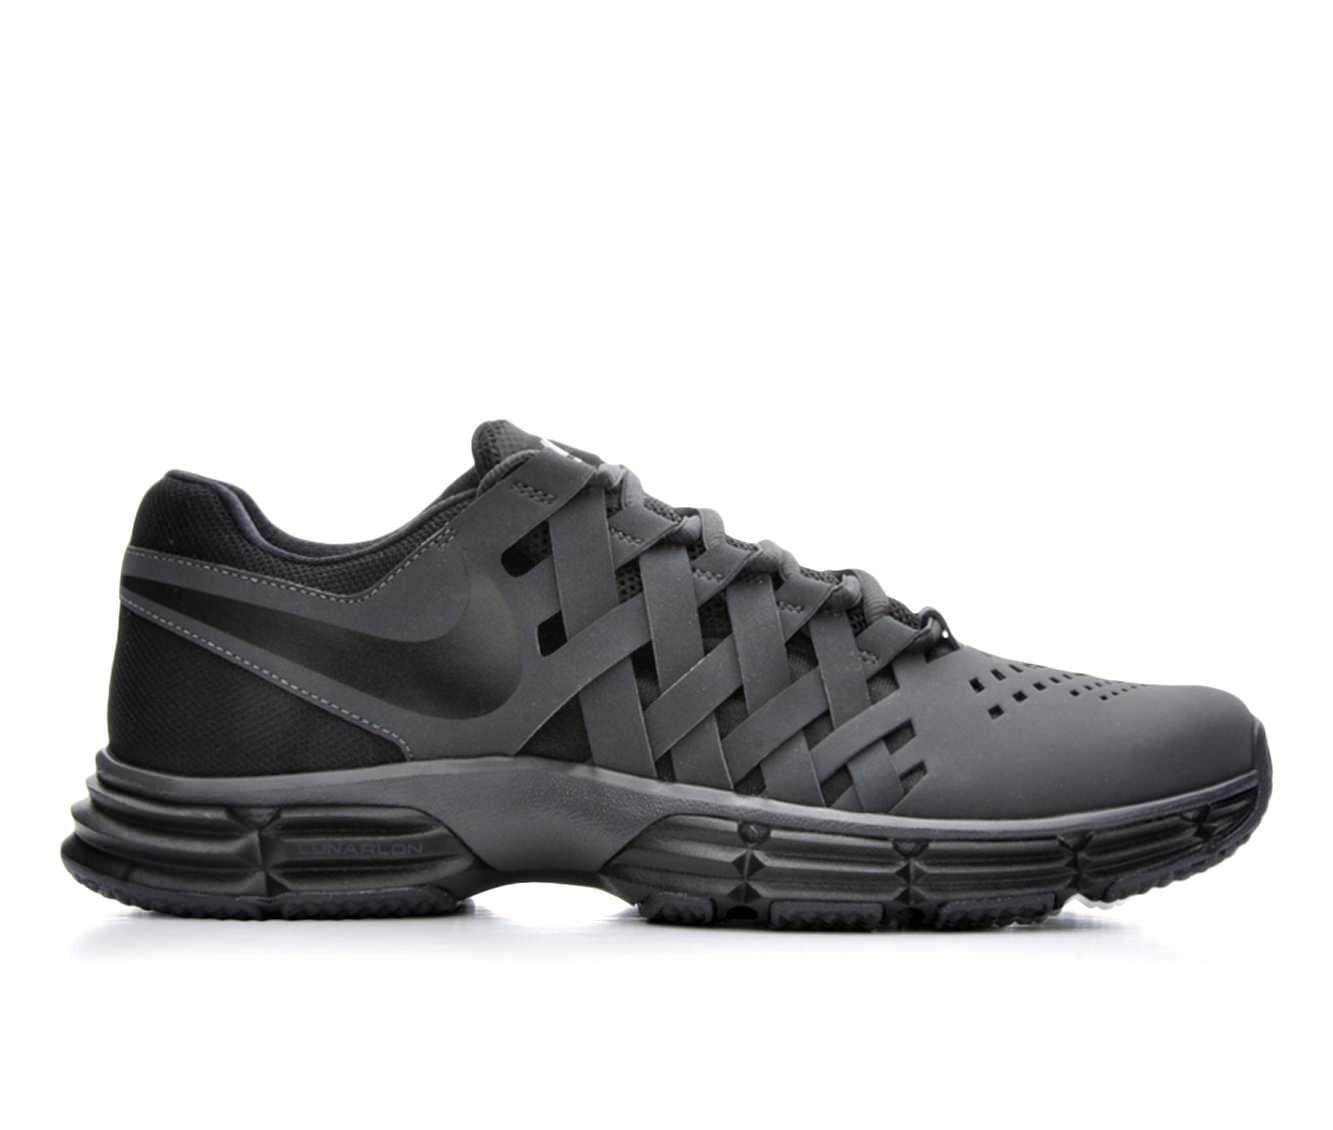 Good Quality Men's Nike Lunar Fingertrap Training Shoes Dk Gry/Blk 010